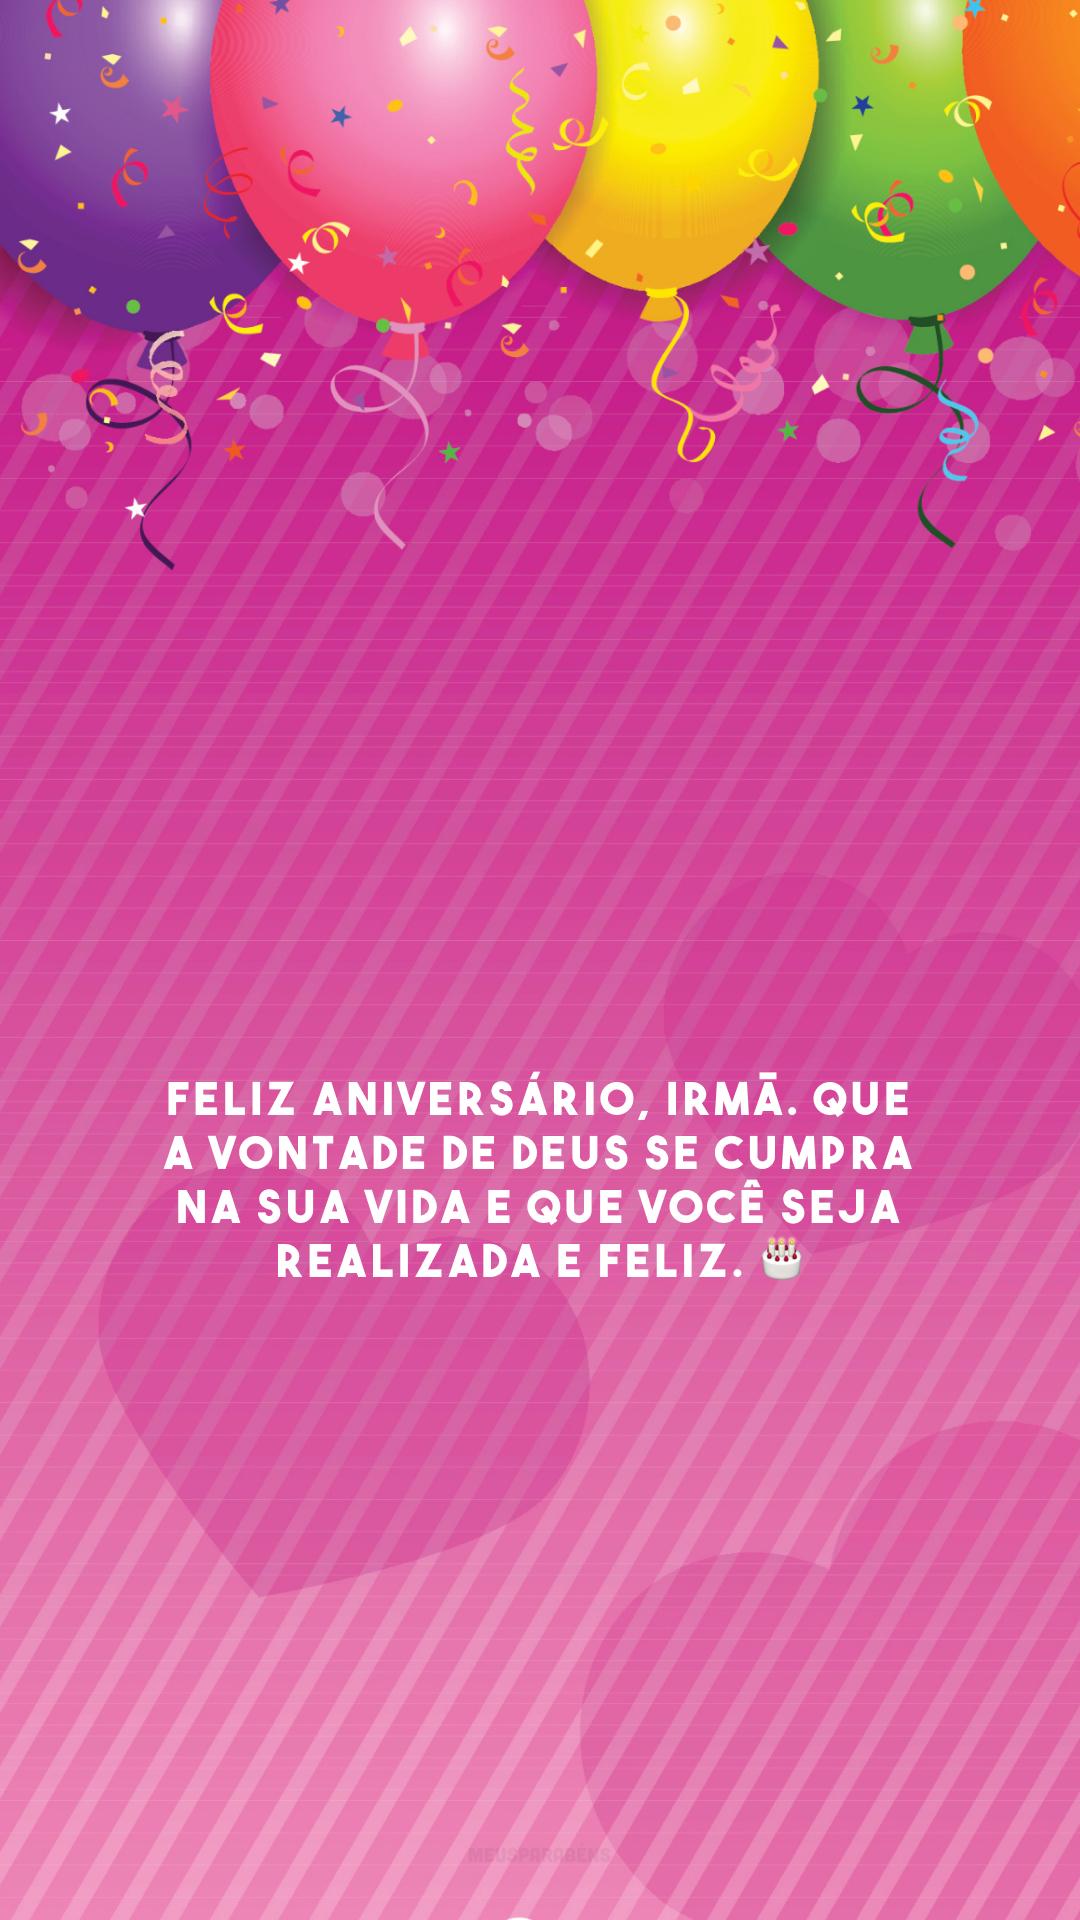 Feliz aniversário, irmã. Que a vontade de Deus se cumpra na sua vida e que você seja realizada e feliz. 🎂